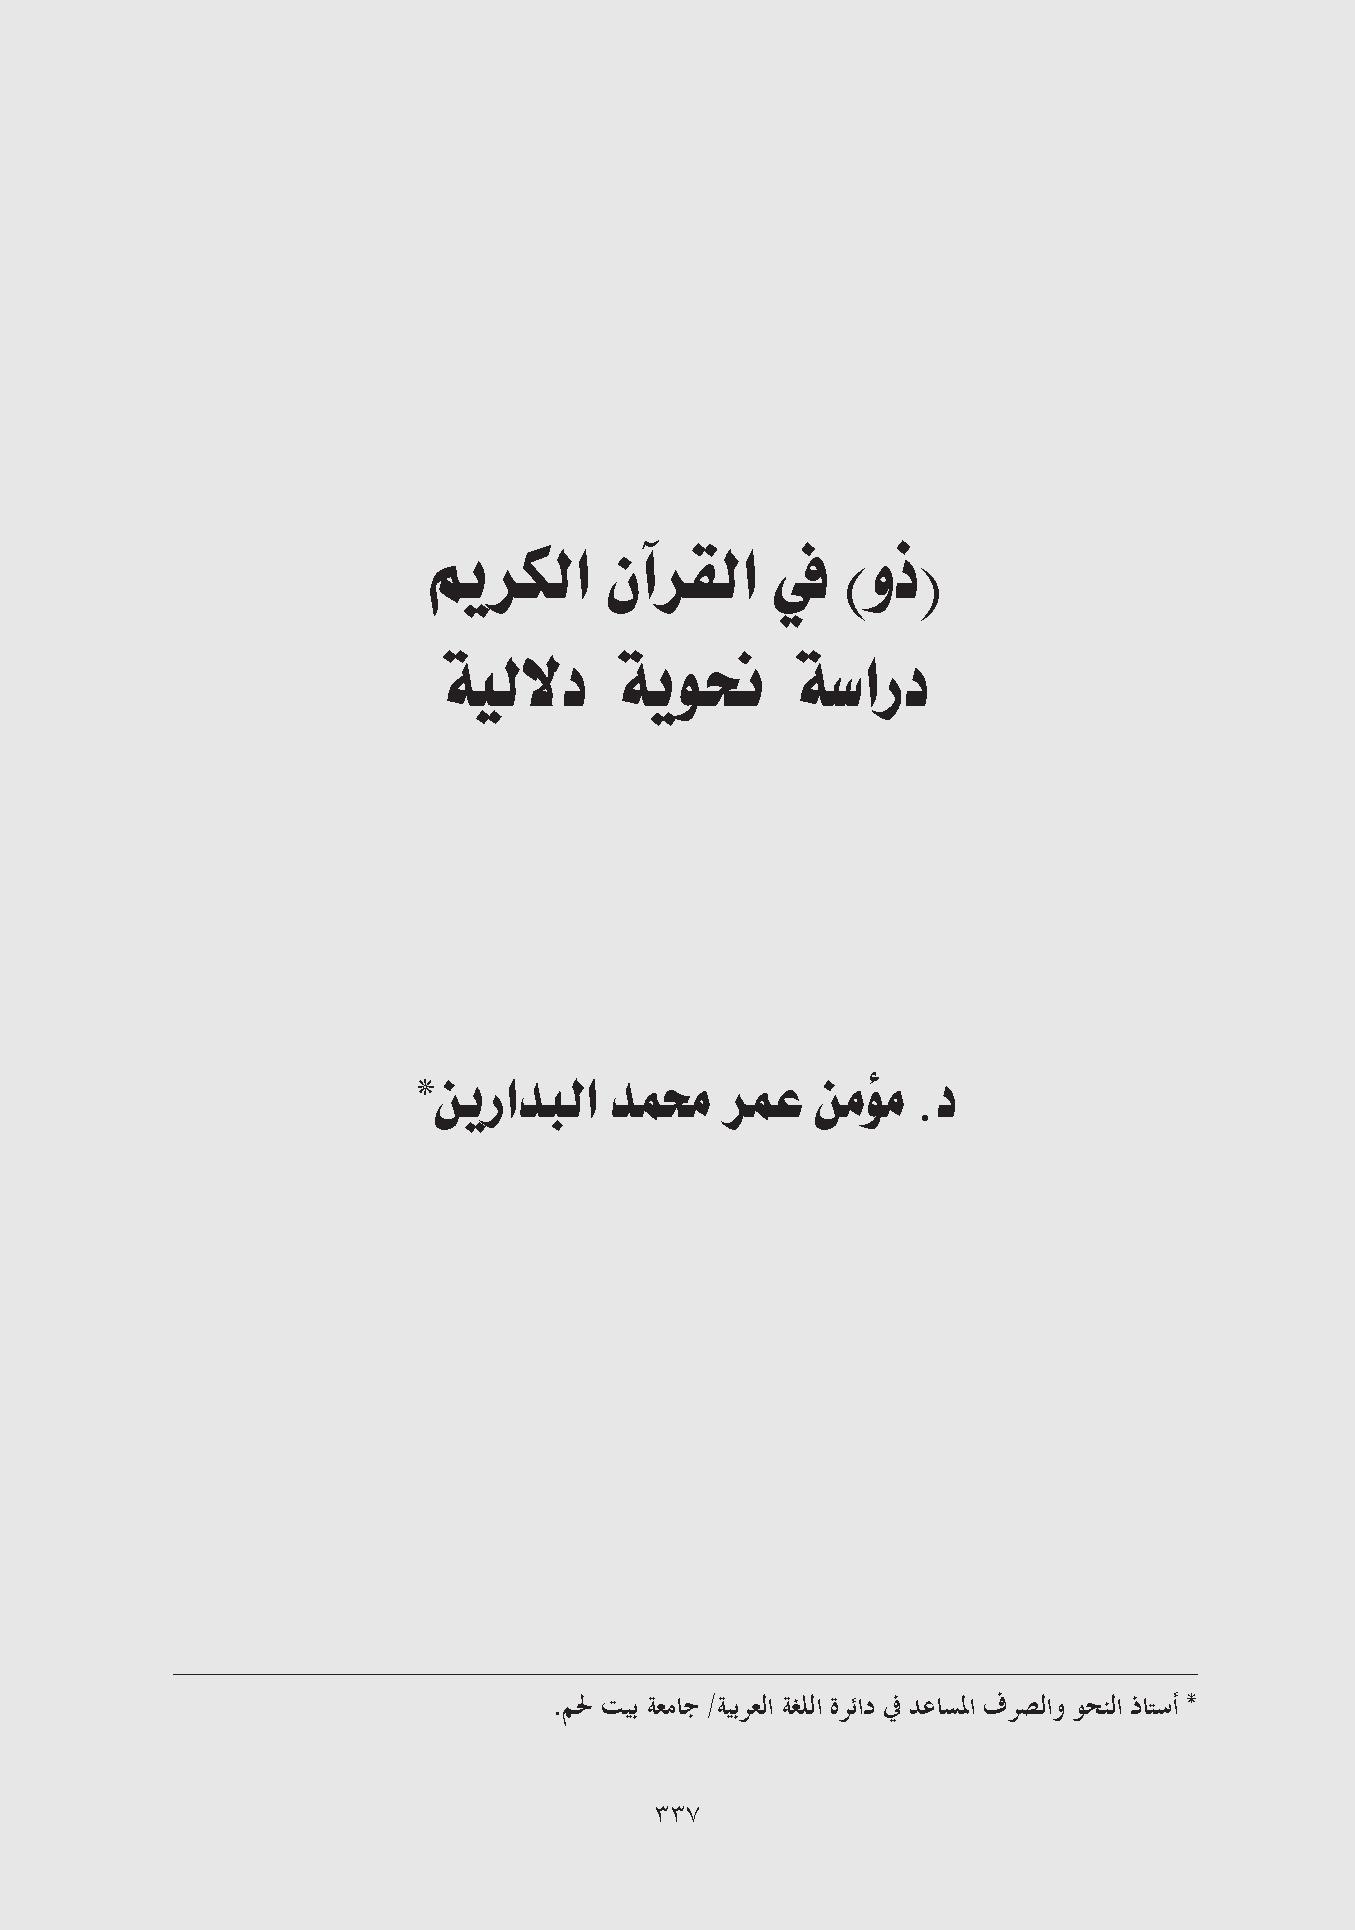 تحميل كتاب (ذو) في القرآن الكريم (دراسة نحوية دلالية) لـِ: الدكتور مؤمن عمر محمد البدارين